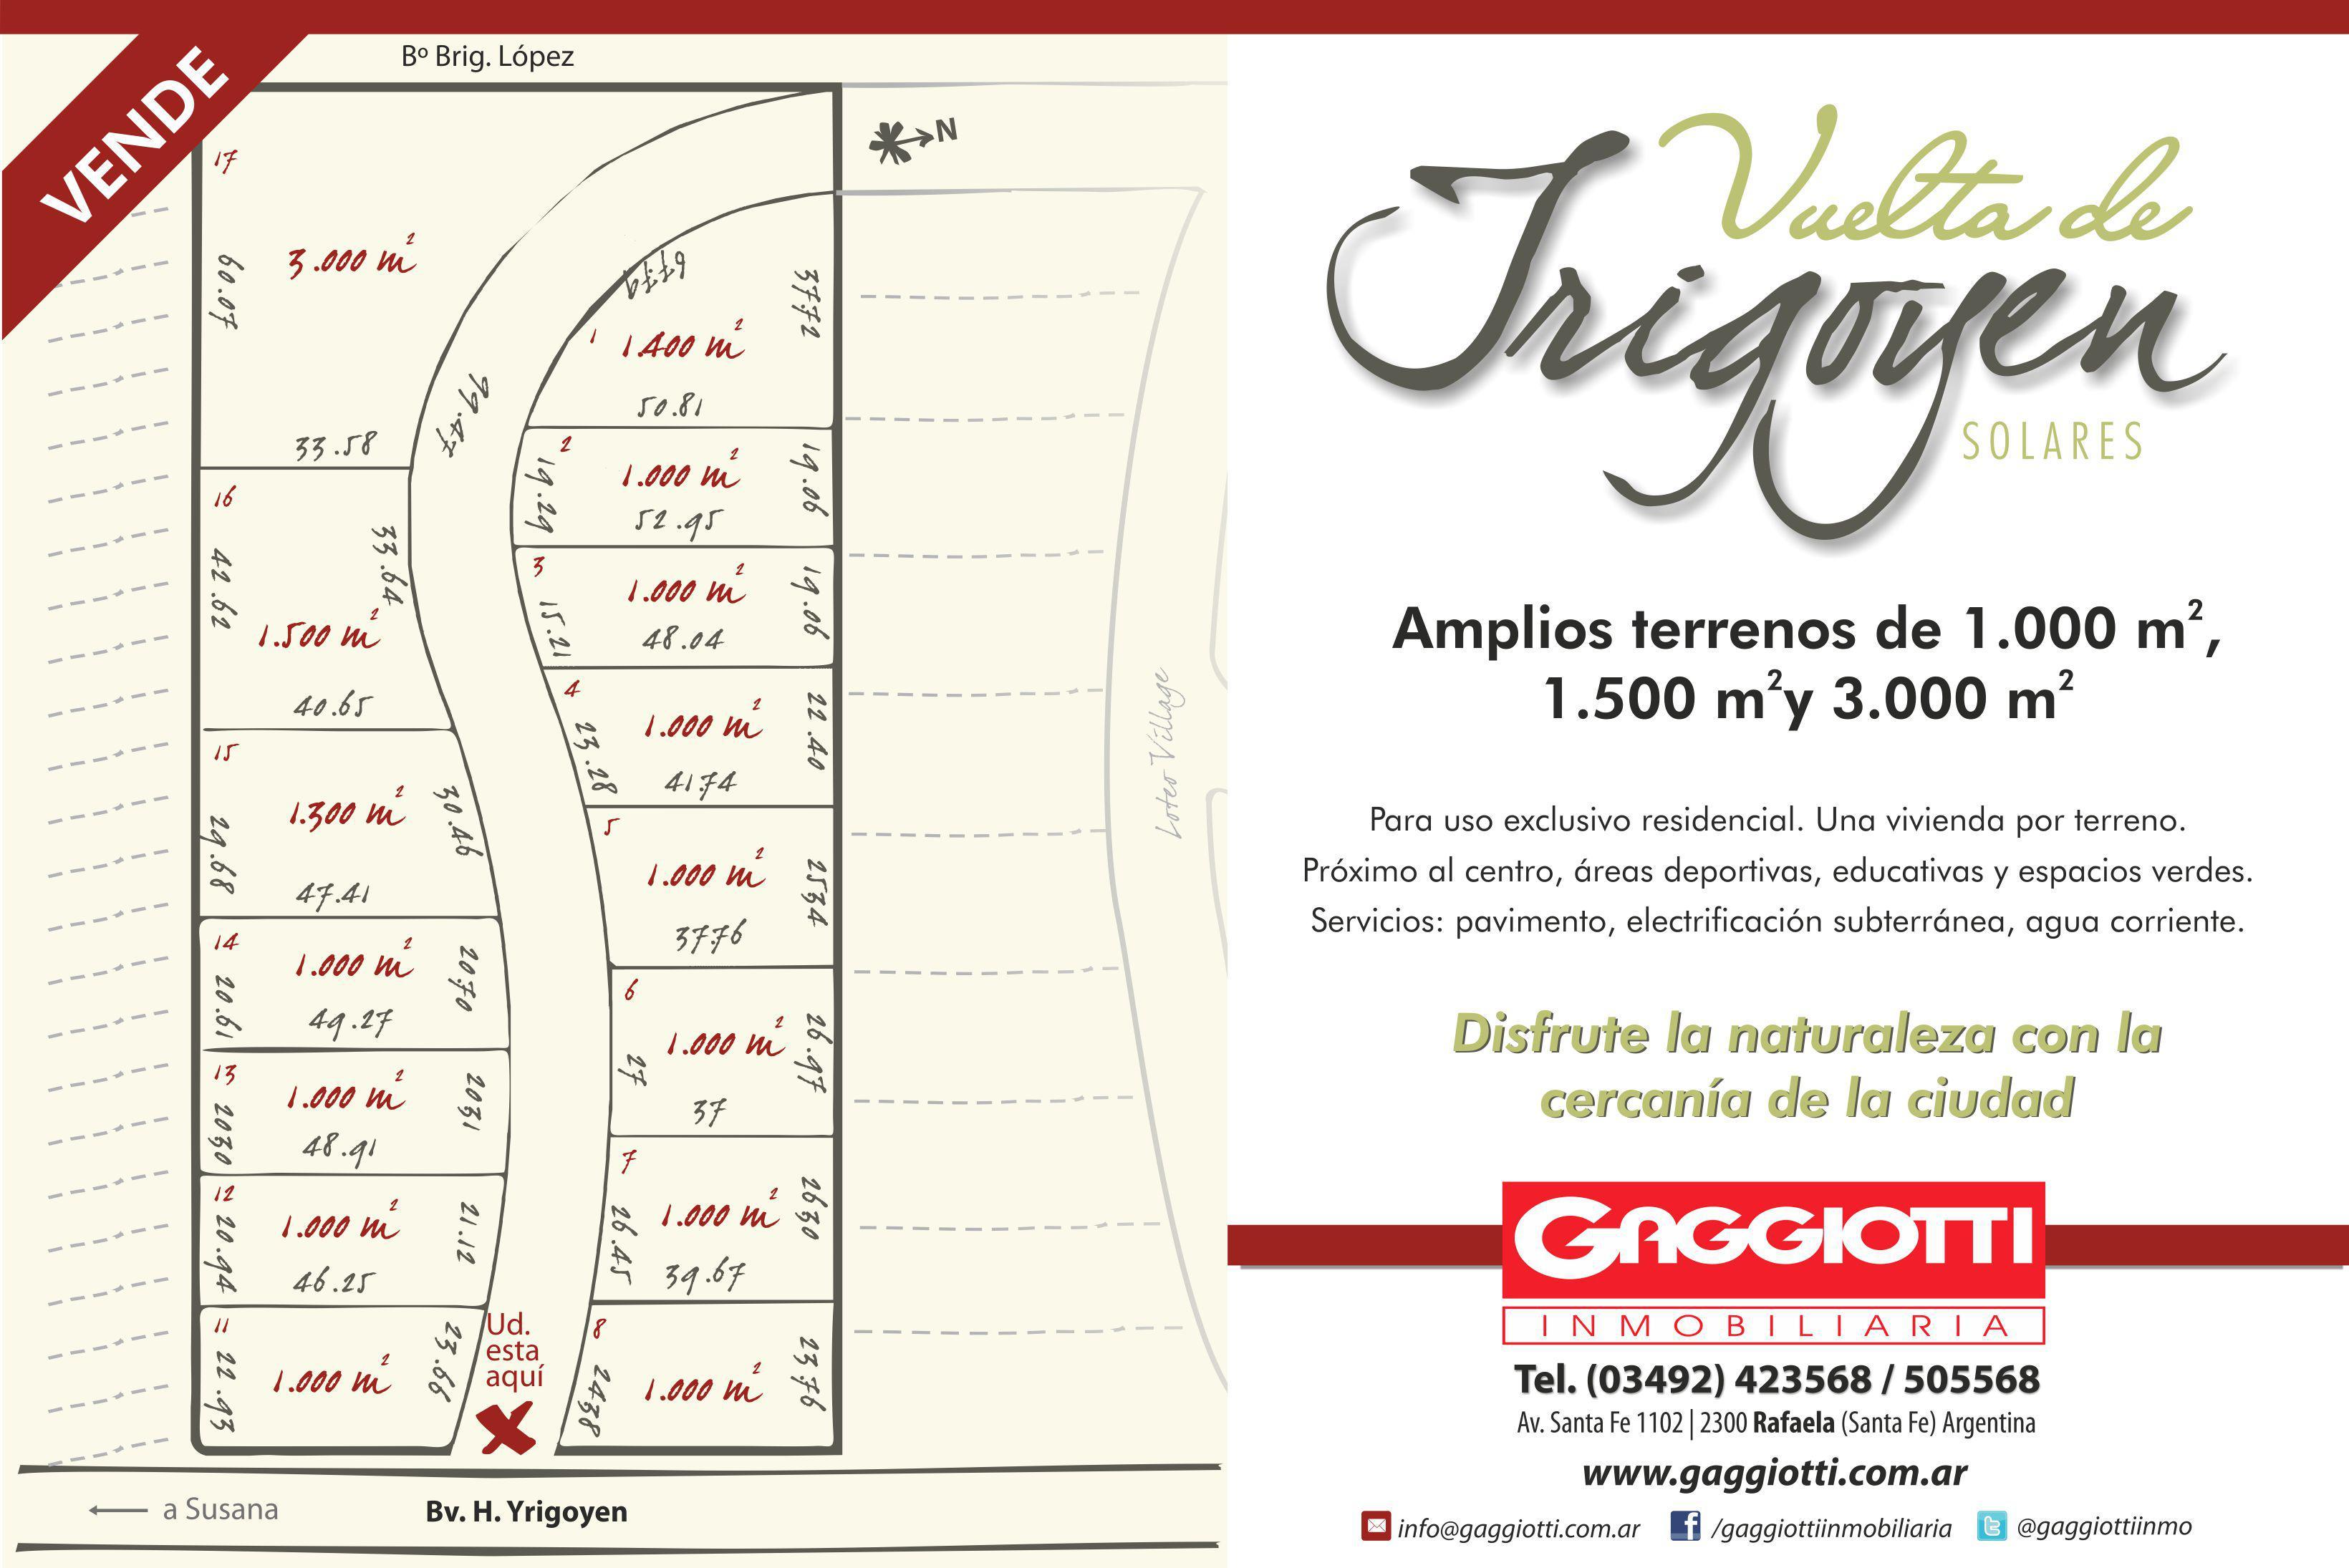 Loteo Vueltas de Yrigoyen - Gaggiotti Inmobiliaria cuenta con más de 50 años desde que se inicio en el negocio de los servicios inmobiliarios.